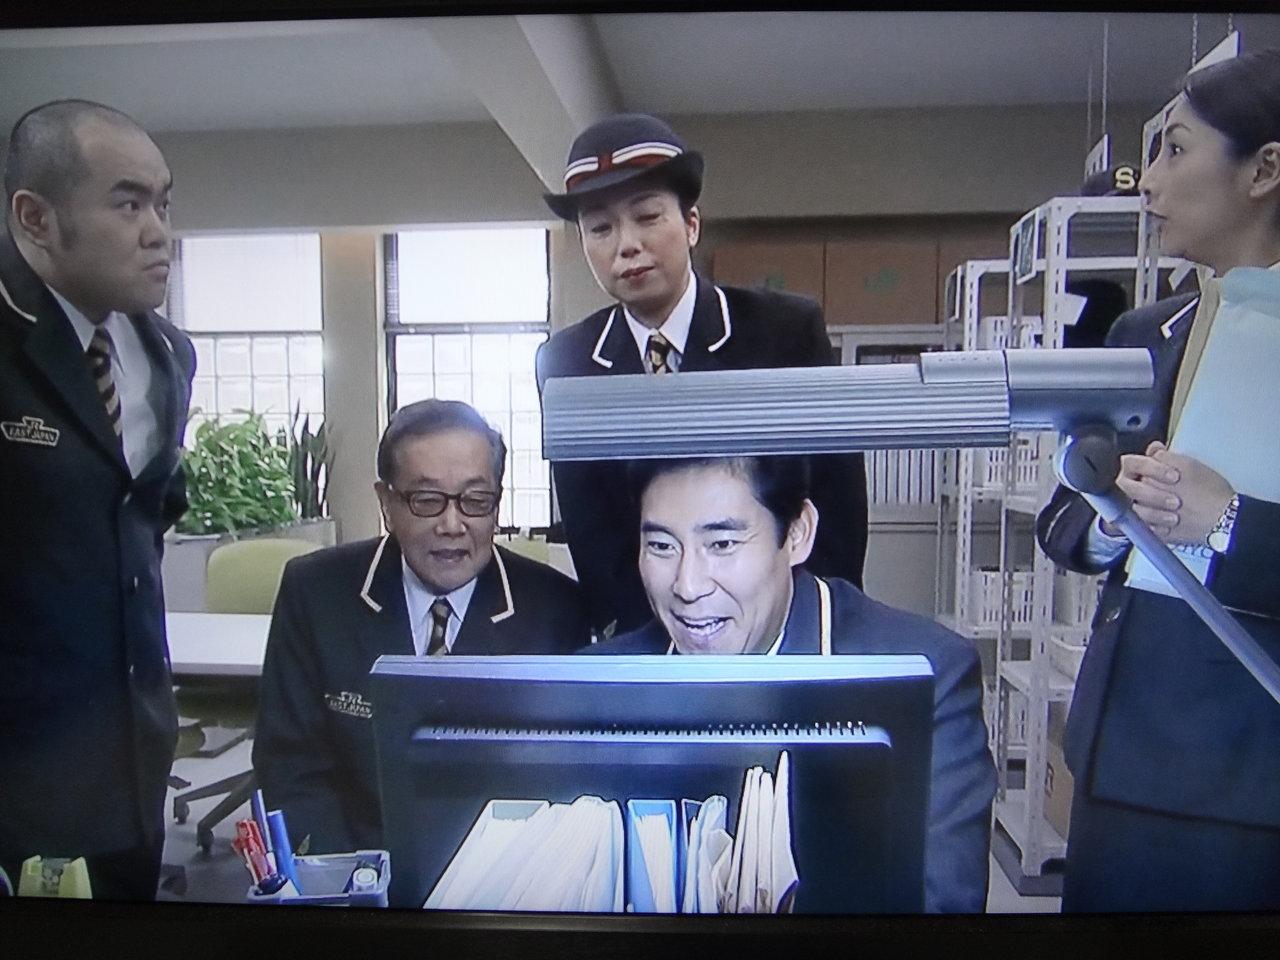 二時間ドラマに出演する制服姿が似合っている高橋ひとみ